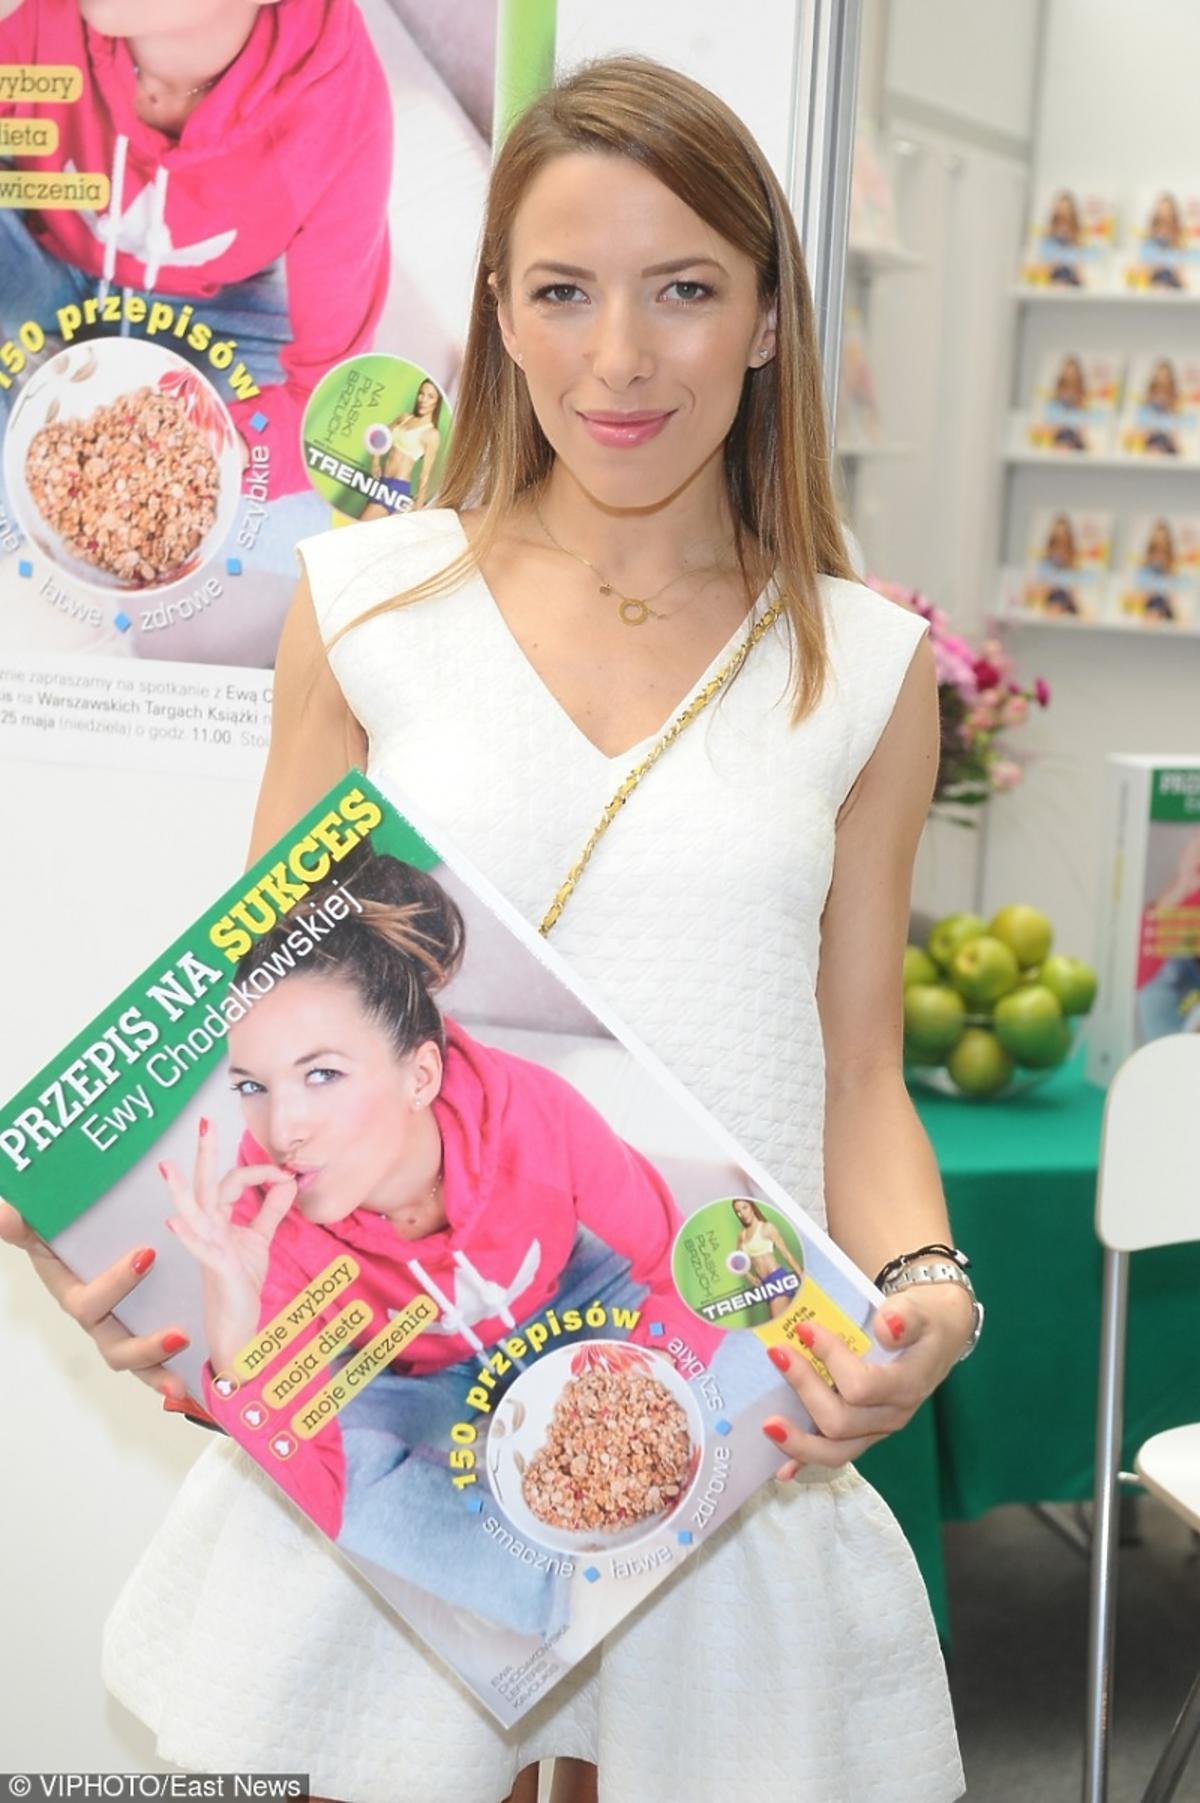 Ewa Chodakowska w białej sukience na targach książki promuje książkę Przepis na sukces swojego autorstwa